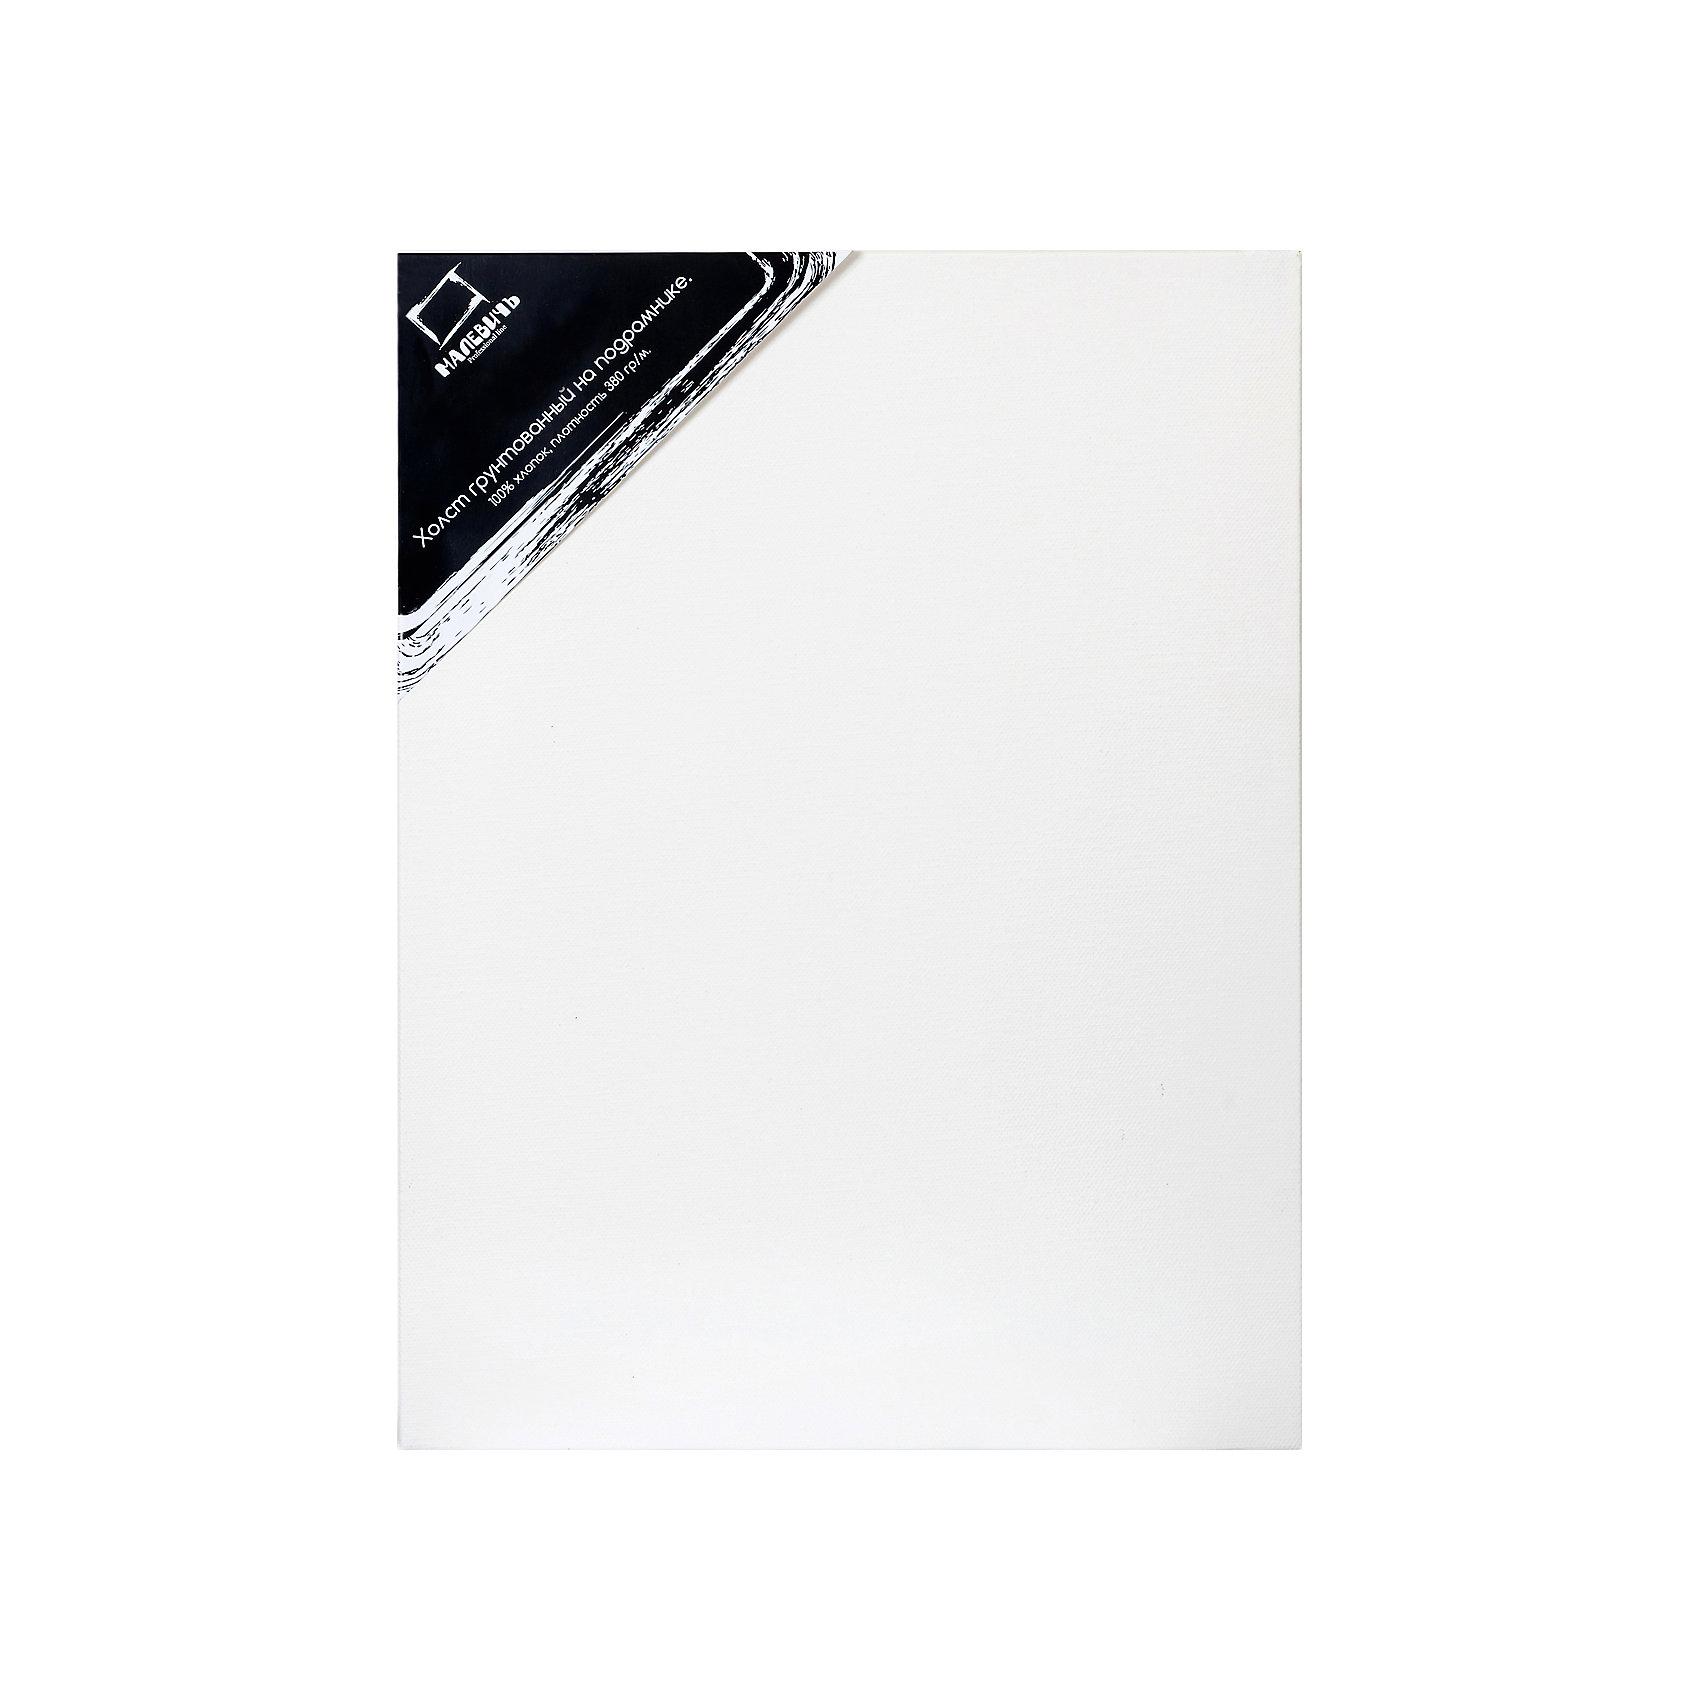 Холст на подрамнике Малевичъ, хлопок 380 гр, 40x60 смПринадлежности для творчества<br>Полностью готовые к работе холсты  для профессиональной живописи. Представляют собой грунтованное среднезернистое полотно из 100% хлопка плотностью 380 г/кв. м, натянутое на деревянный подрамник. В комплект входят клинья, позволяющие регулировать степень натяжения полотна. Гладкая поверхность хлопкового полотна удобна для предварительных набросков, а повышенная плотность холста позволяет использовать его для картин большого формата. Все холсты Малевич изготавливаются из 100% натуральных материалов и проходят тестирование профессиональными художниками.<br><br>Холсты на подрамниках Малевич:<br><br>•    изготовлены из плотного натурального полотна без узелков и неровностей<br>•    профессионально натянуты и загрунтованы<br>•    экономят время художника – сразу же можно приступать к работе<br>•    подходят для любого вида красок, кроме акварельных (для которых у нас есть Акварельные холсты)<br>•    гладкая поверхность удобна для карандашных набросков<br><br>Ширина мм: 400<br>Глубина мм: 600<br>Высота мм: 20<br>Вес г: 450<br>Возраст от месяцев: 84<br>Возраст до месяцев: 2147483647<br>Пол: Унисекс<br>Возраст: Детский<br>SKU: 6757434